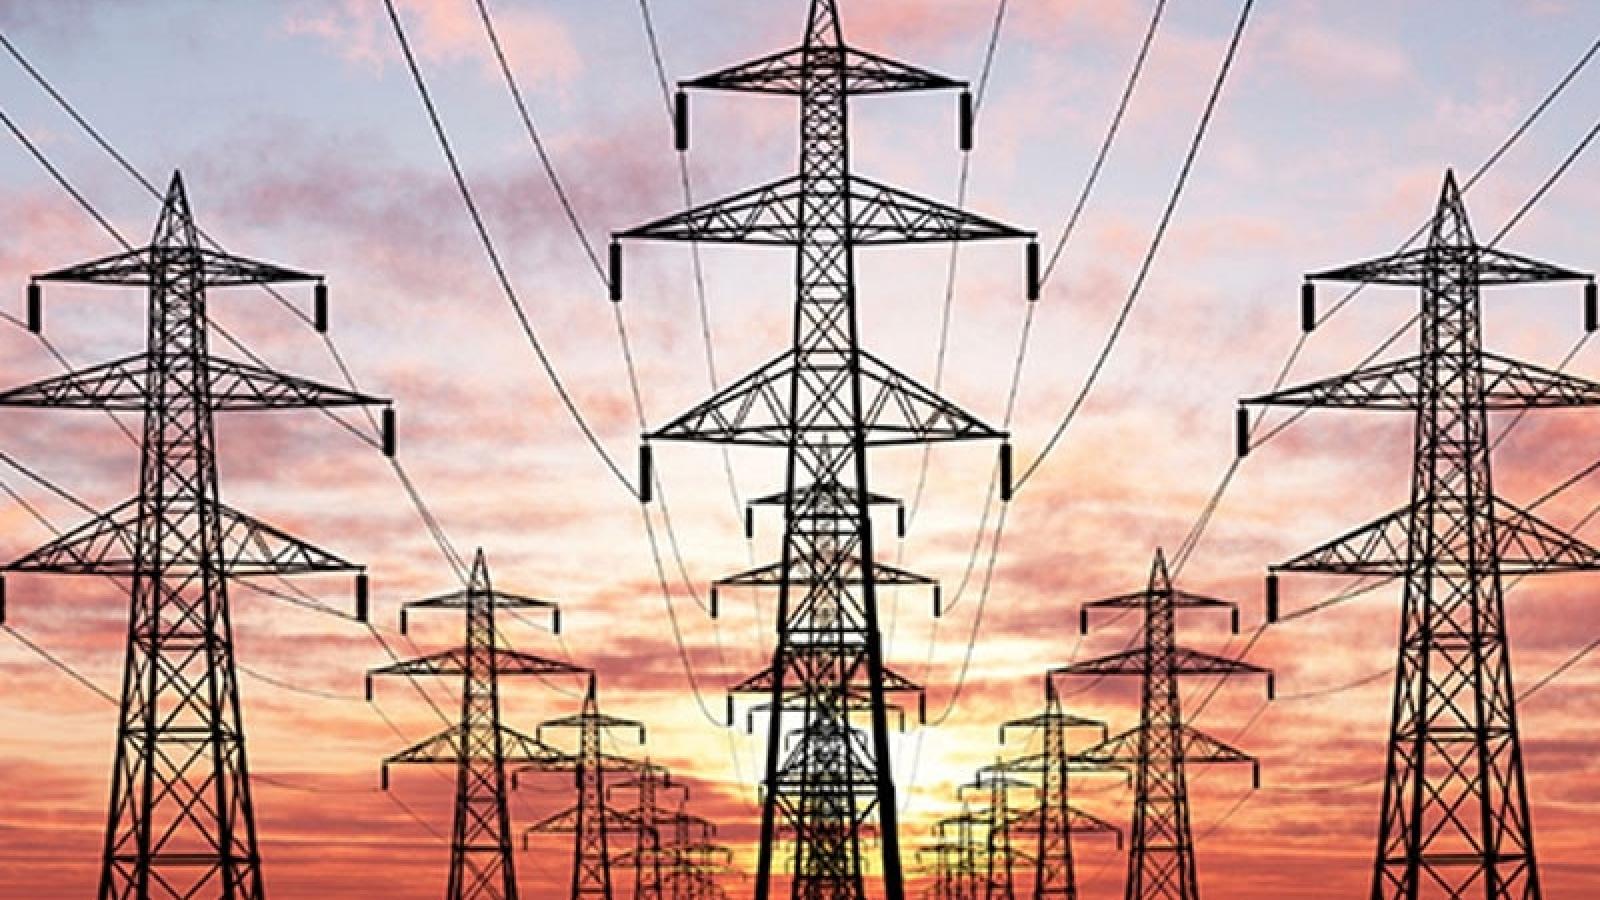 60% năng lượng sử dụng tại Pakistan vào năm 2030 sẽ là 'Sạch'